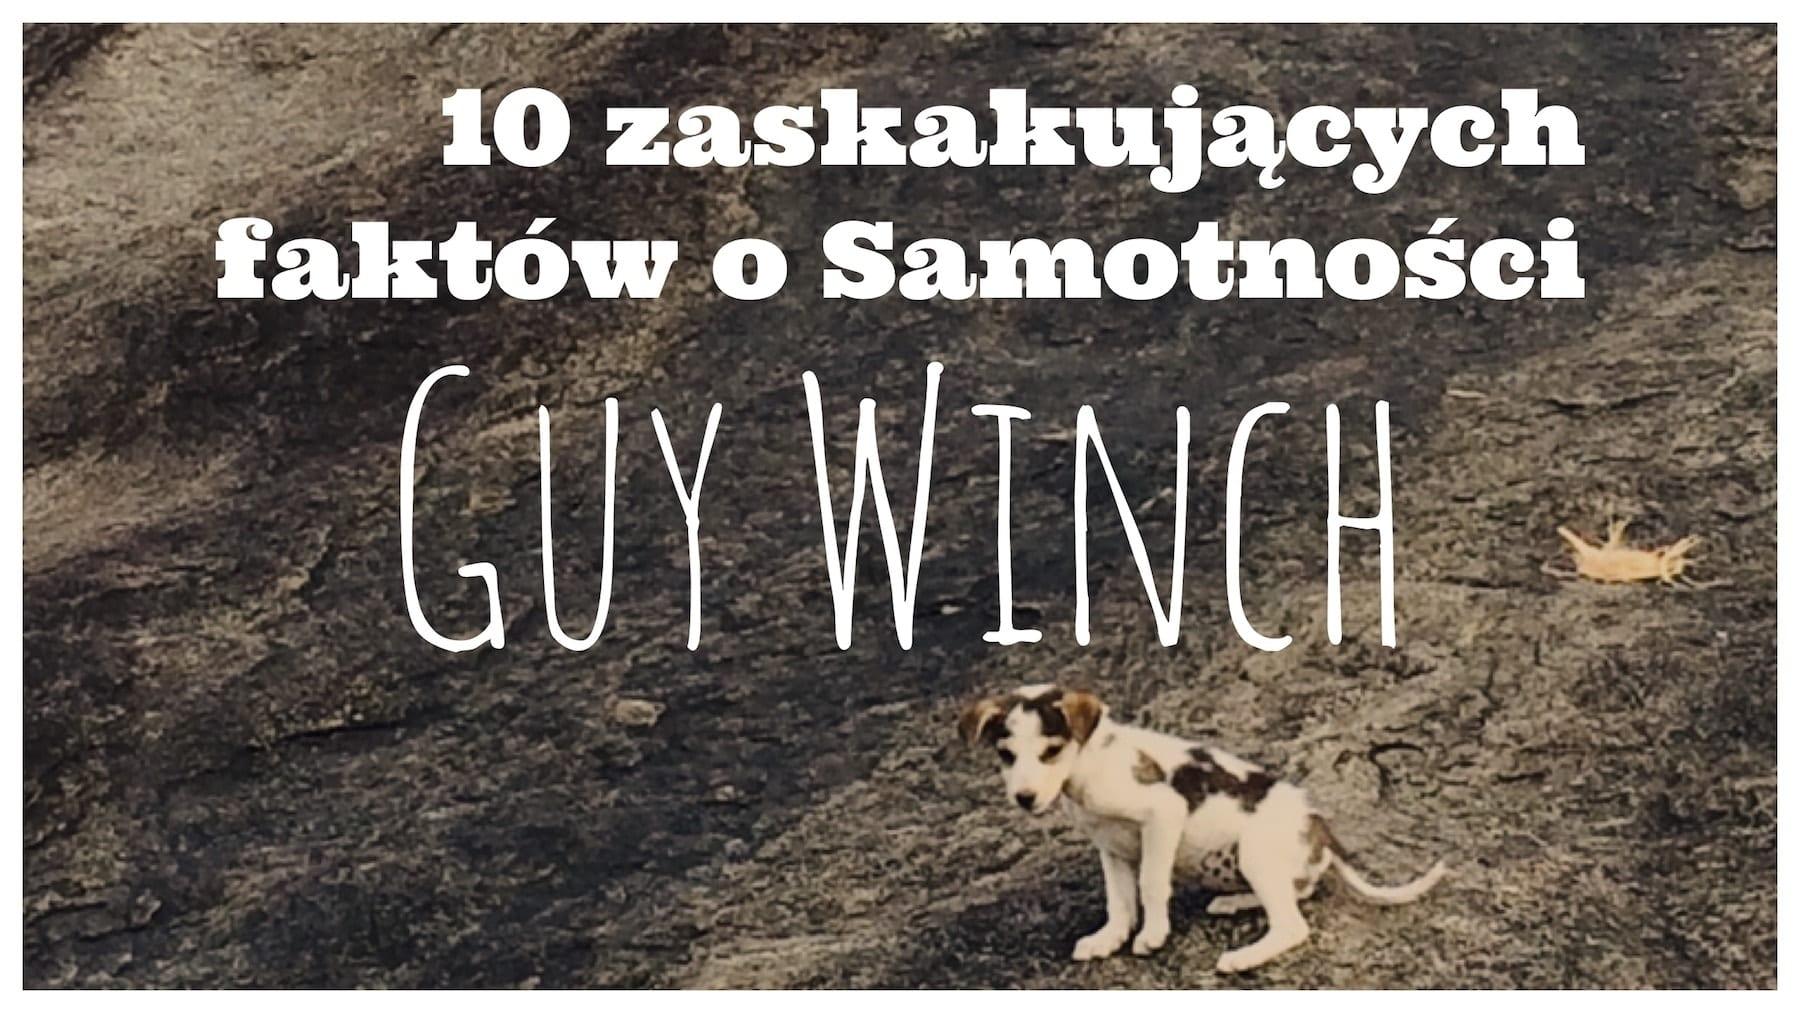 10 zaskakujących faktów o Samotności tłumaczenie artykułu Guy Winch